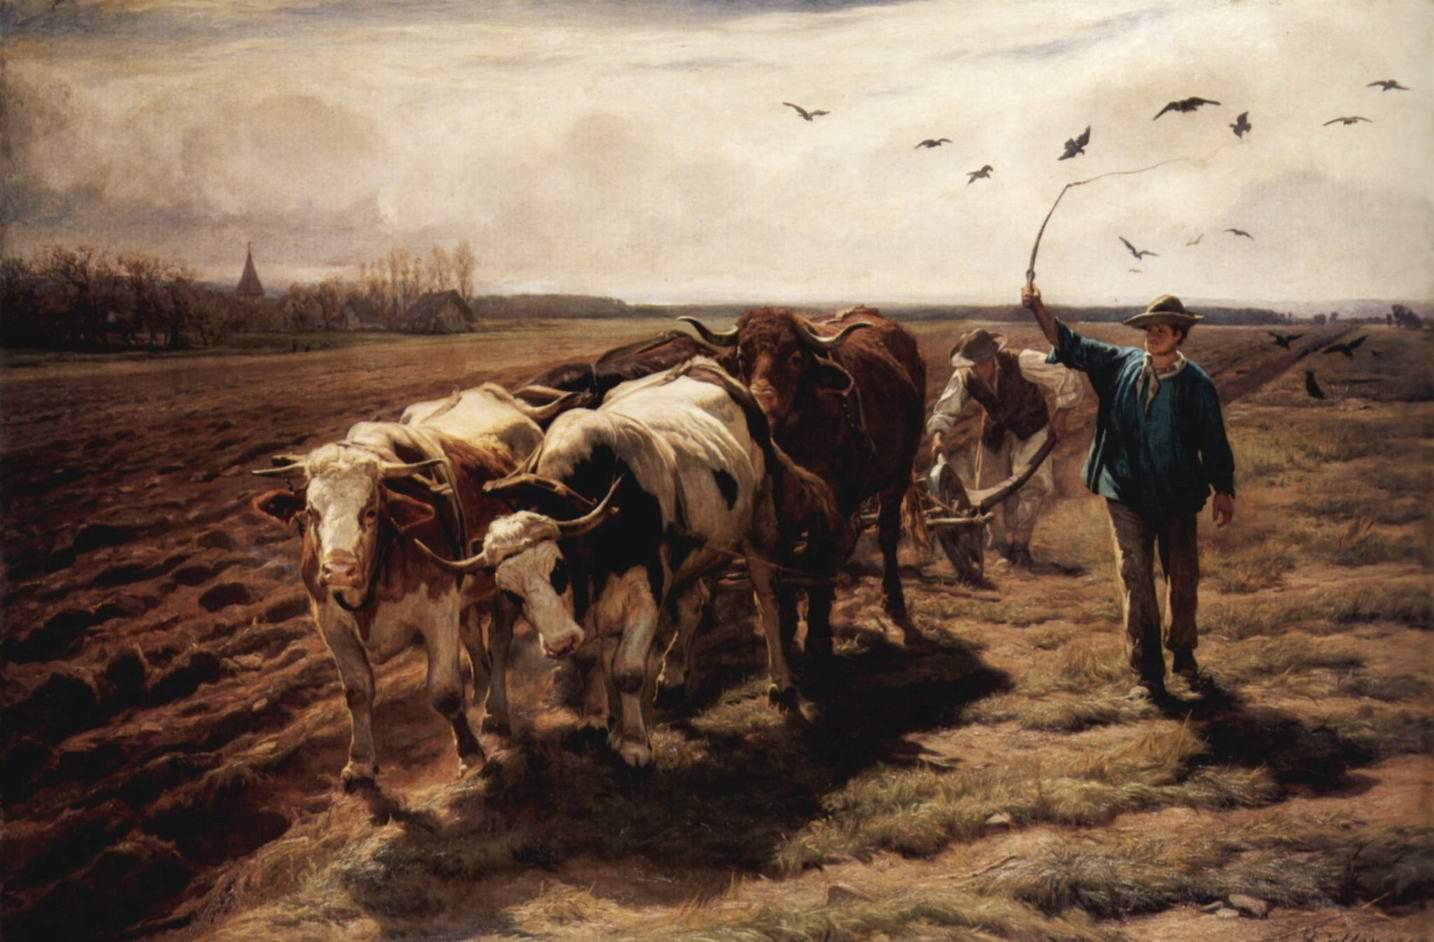 Рудольф Коллер. Пахота на волах. 1868